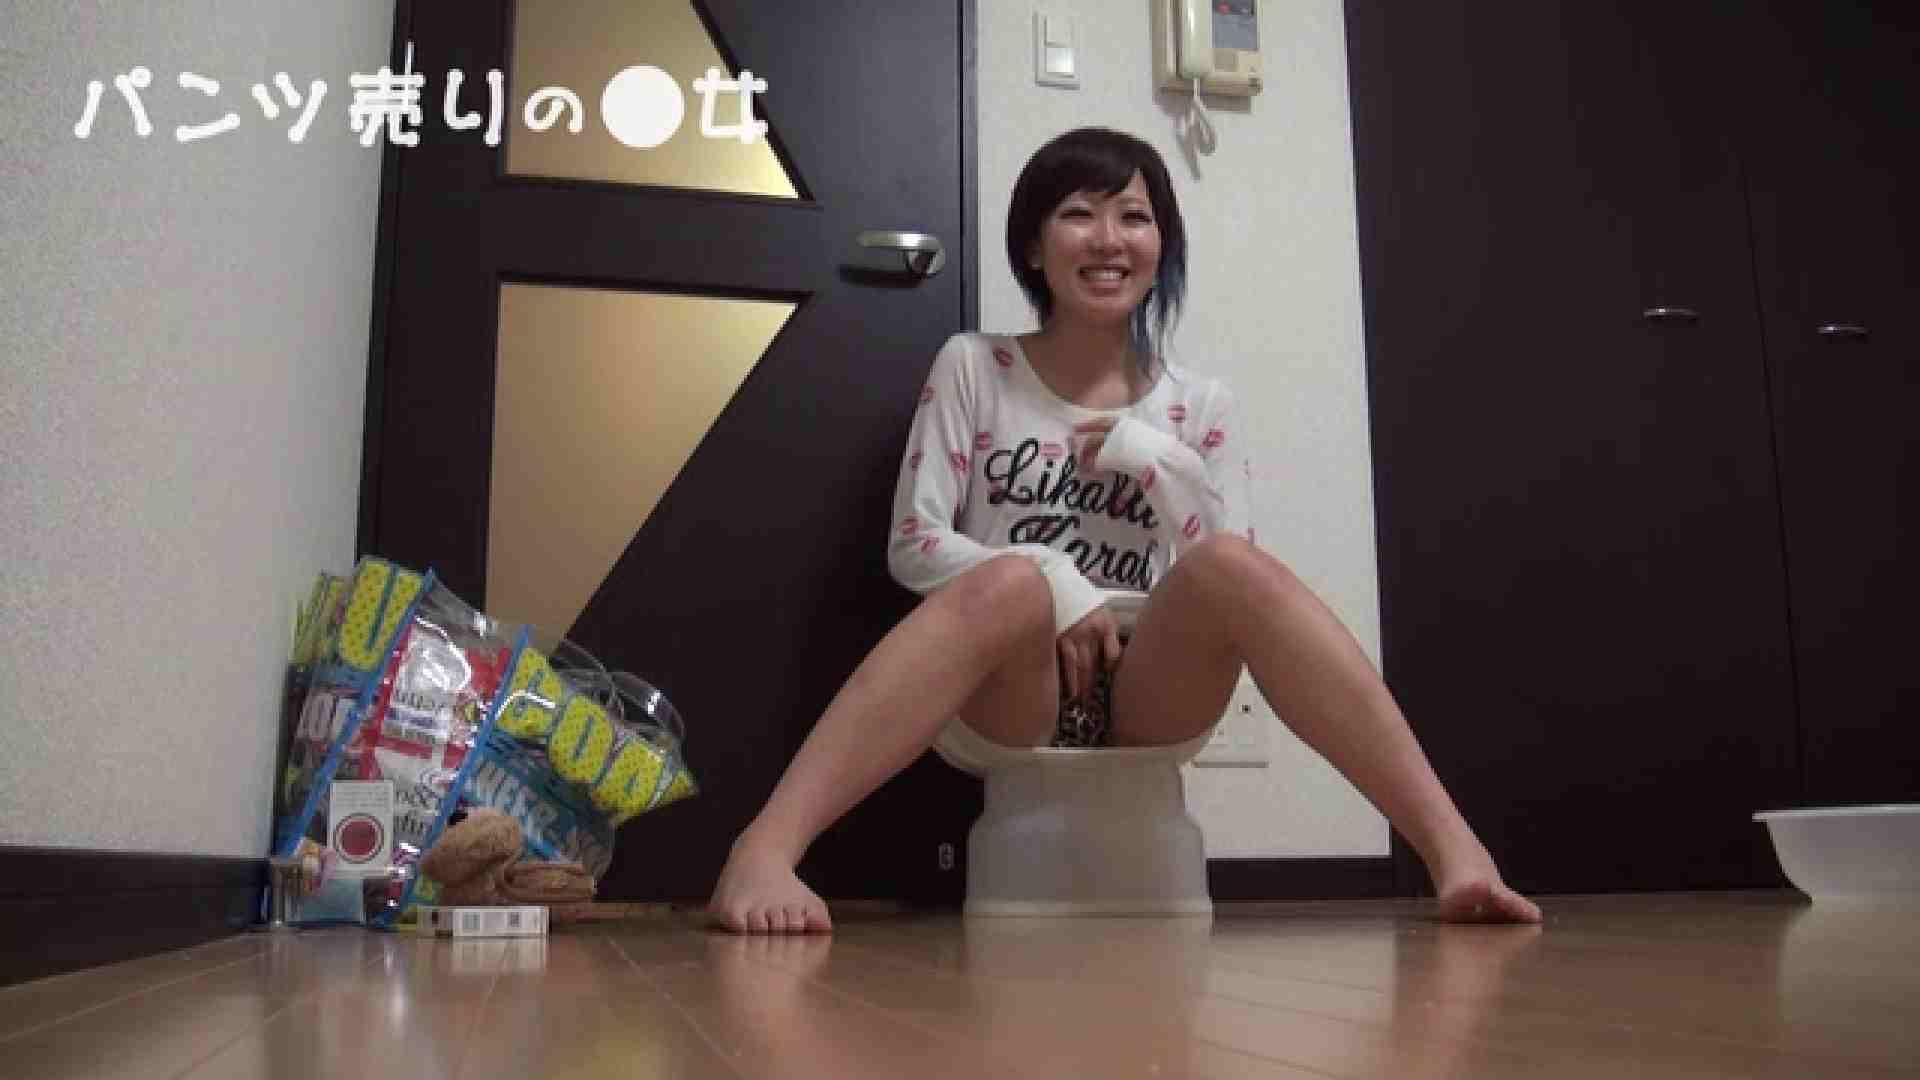 新説 パンツ売りの女の子nana 一般投稿  108枚 48